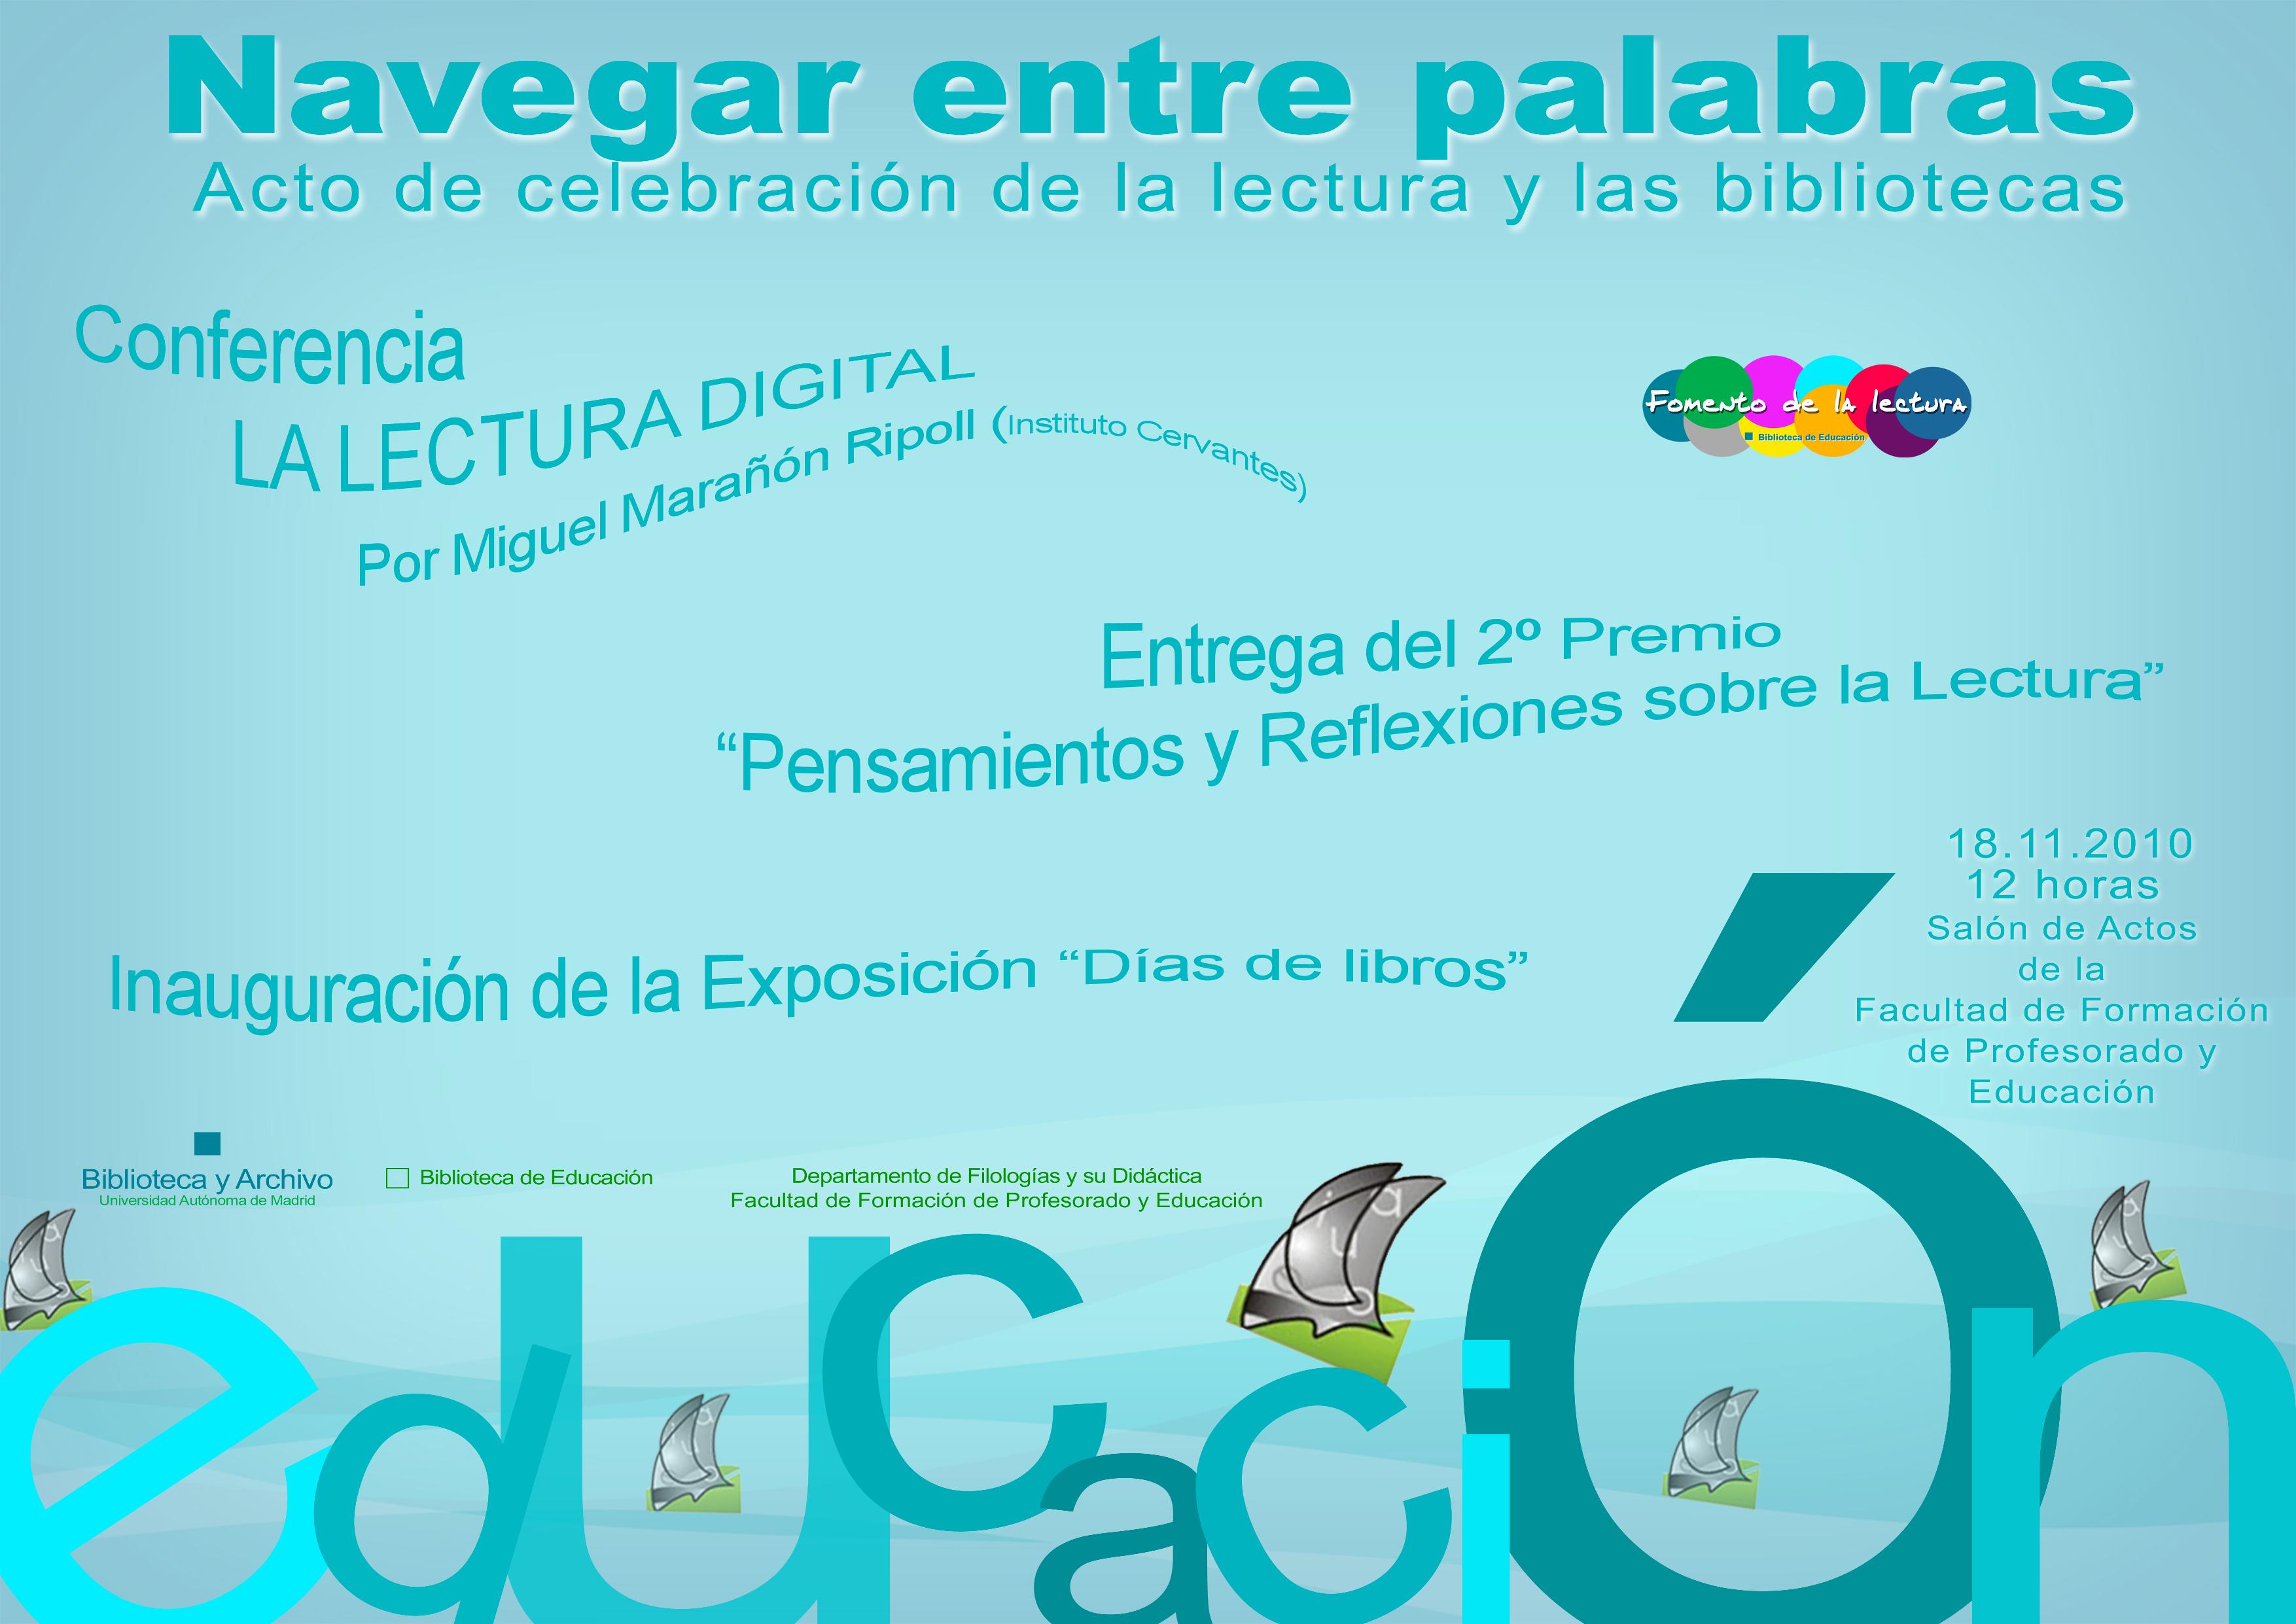 Cartel publicitario Biblioteca de Educación Navegar entre palabras (2010)